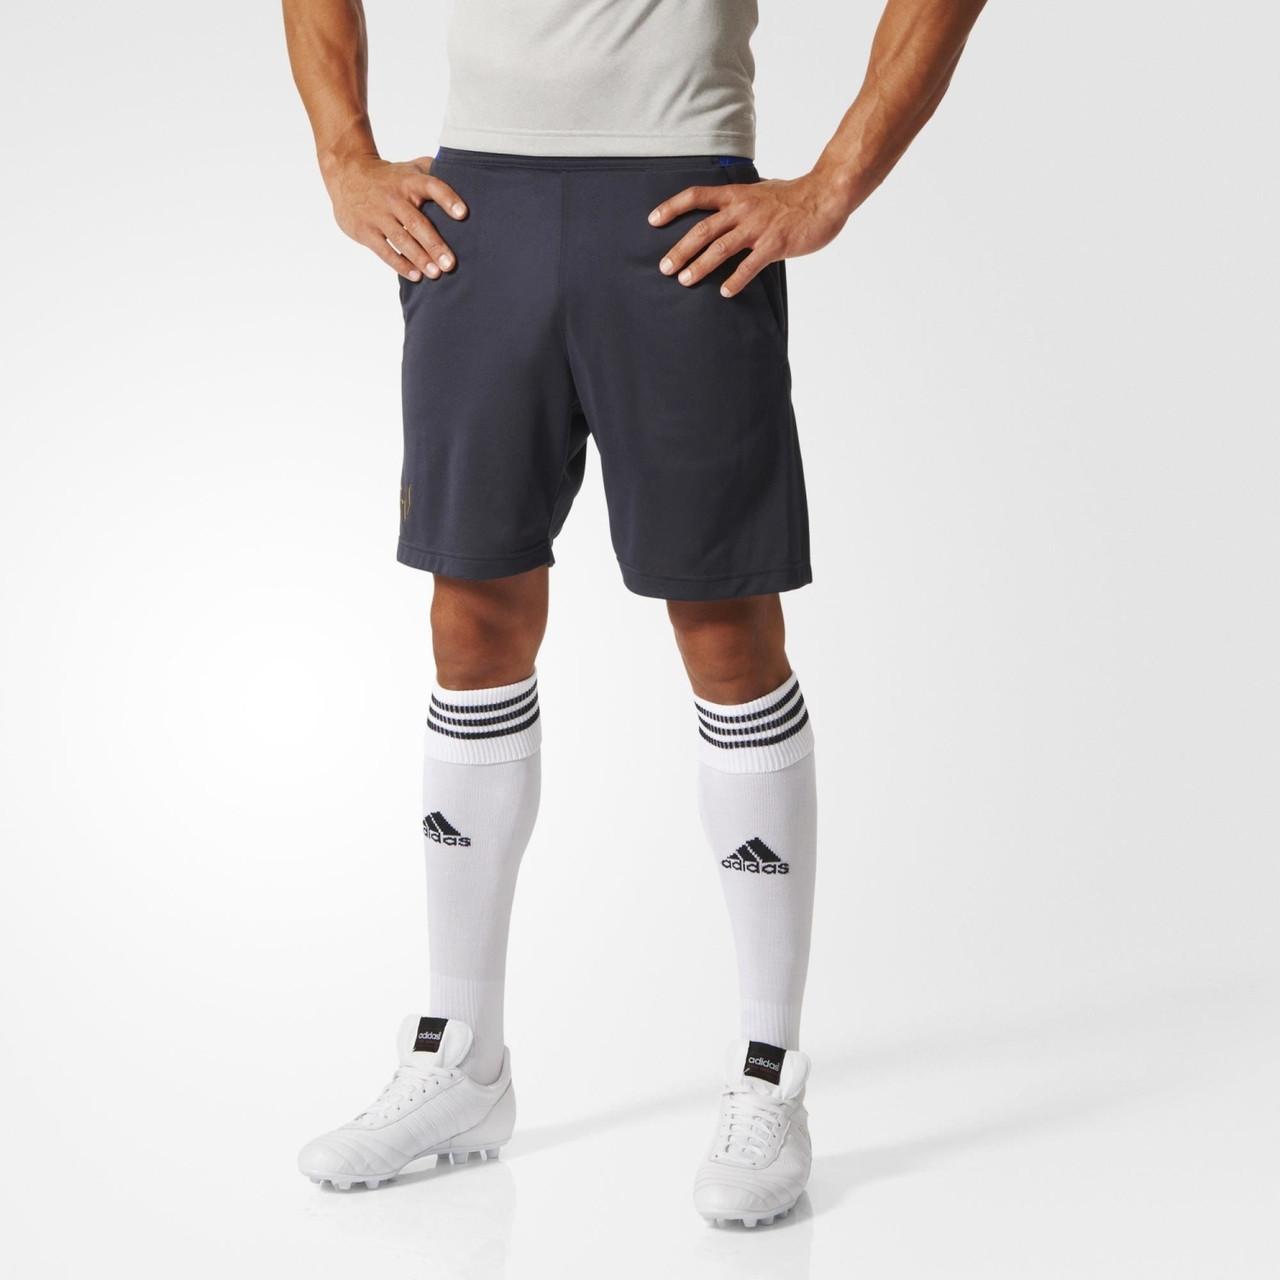 Шорты спортивные мужские adidas MEL TRG SHO AA0944 (темно-серые, полиэстер, для тренировок, логотип адидас)